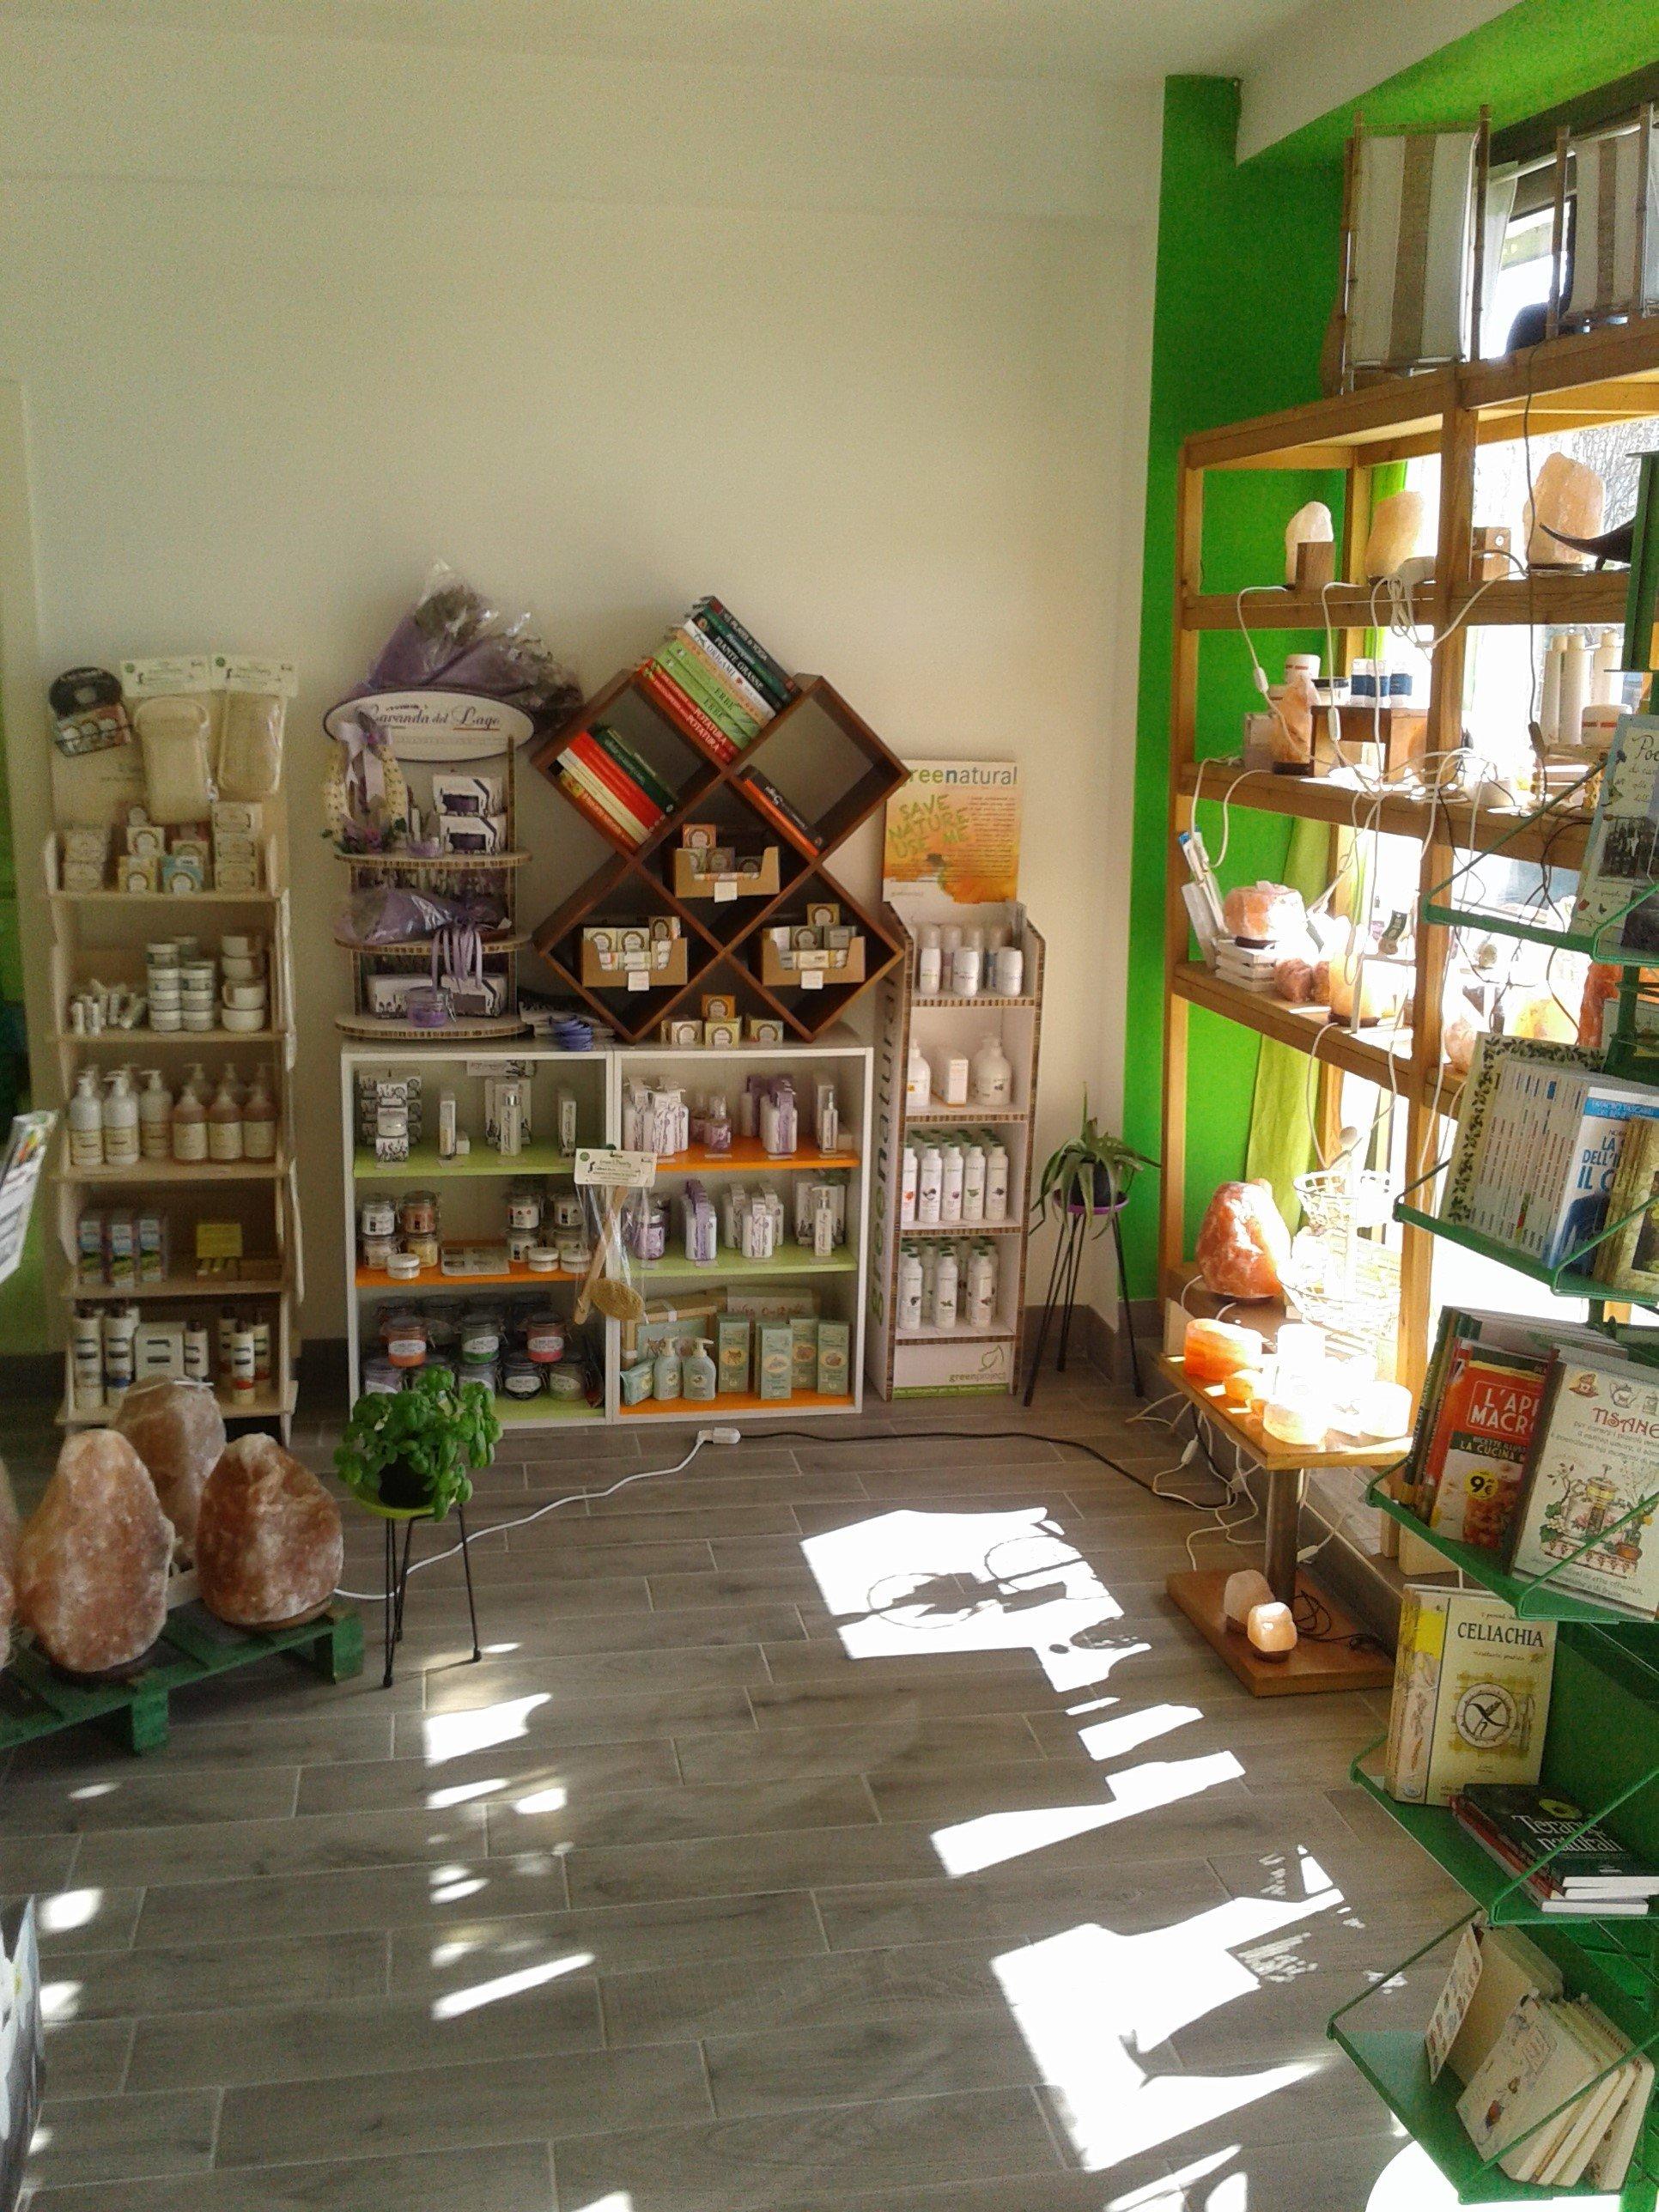 interno di un negozio con degli scaffali in legno con degli oggetti